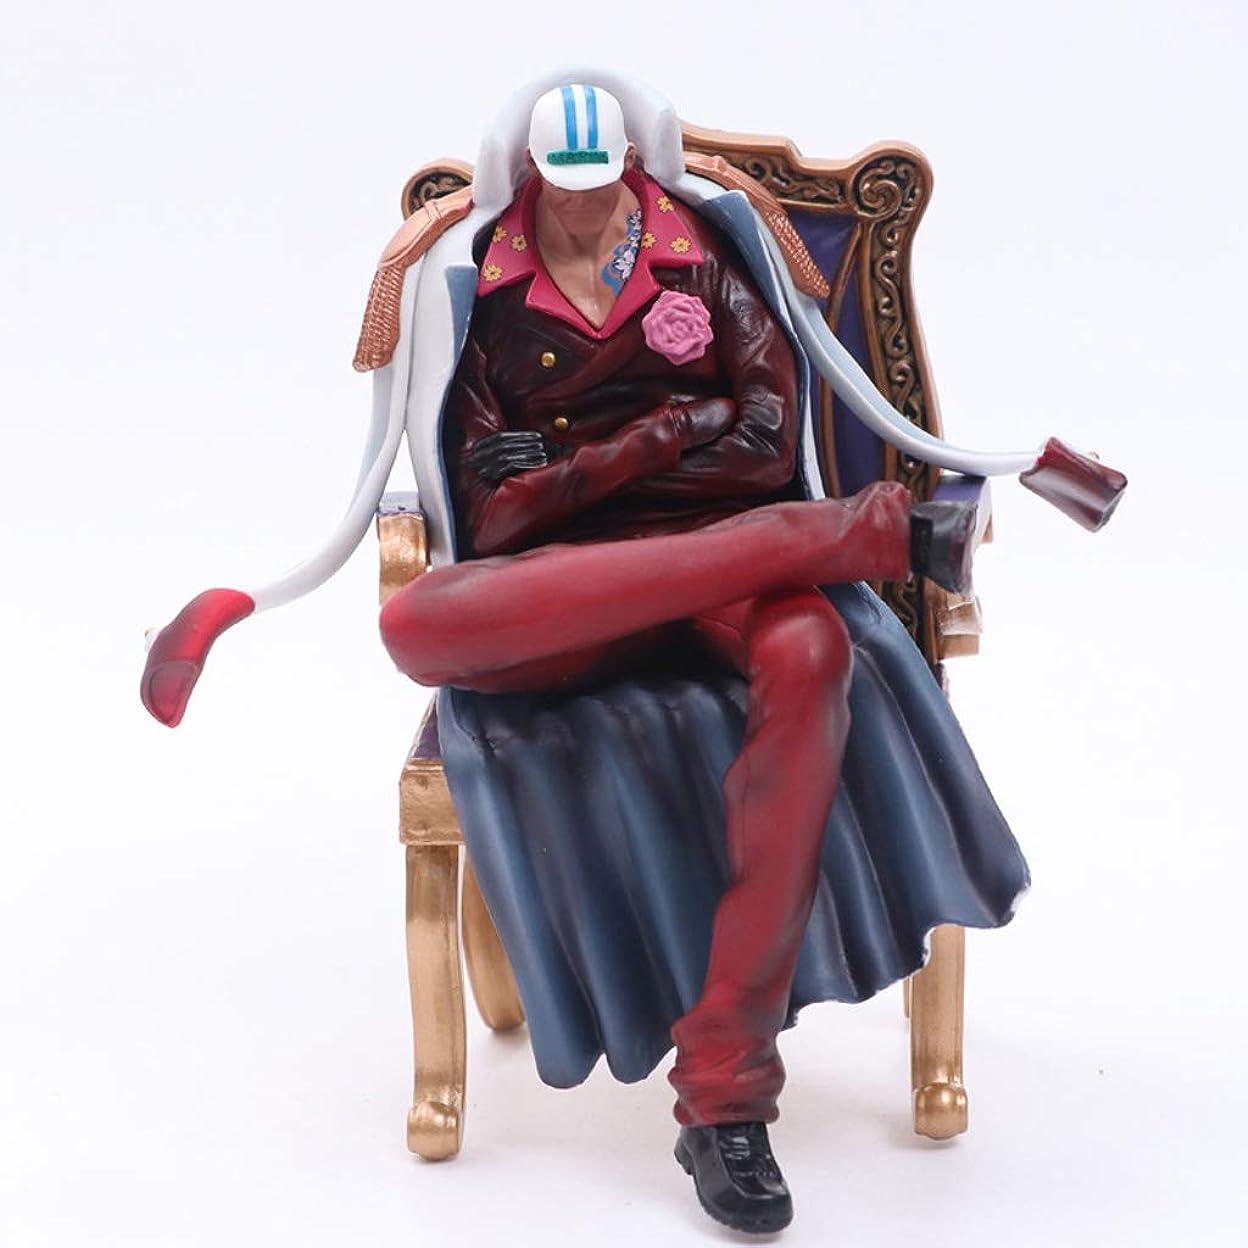 不合格浪費バーチャル玩具像玩具モデル絶妙な飾り装飾?工芸品?16CM JSFQ